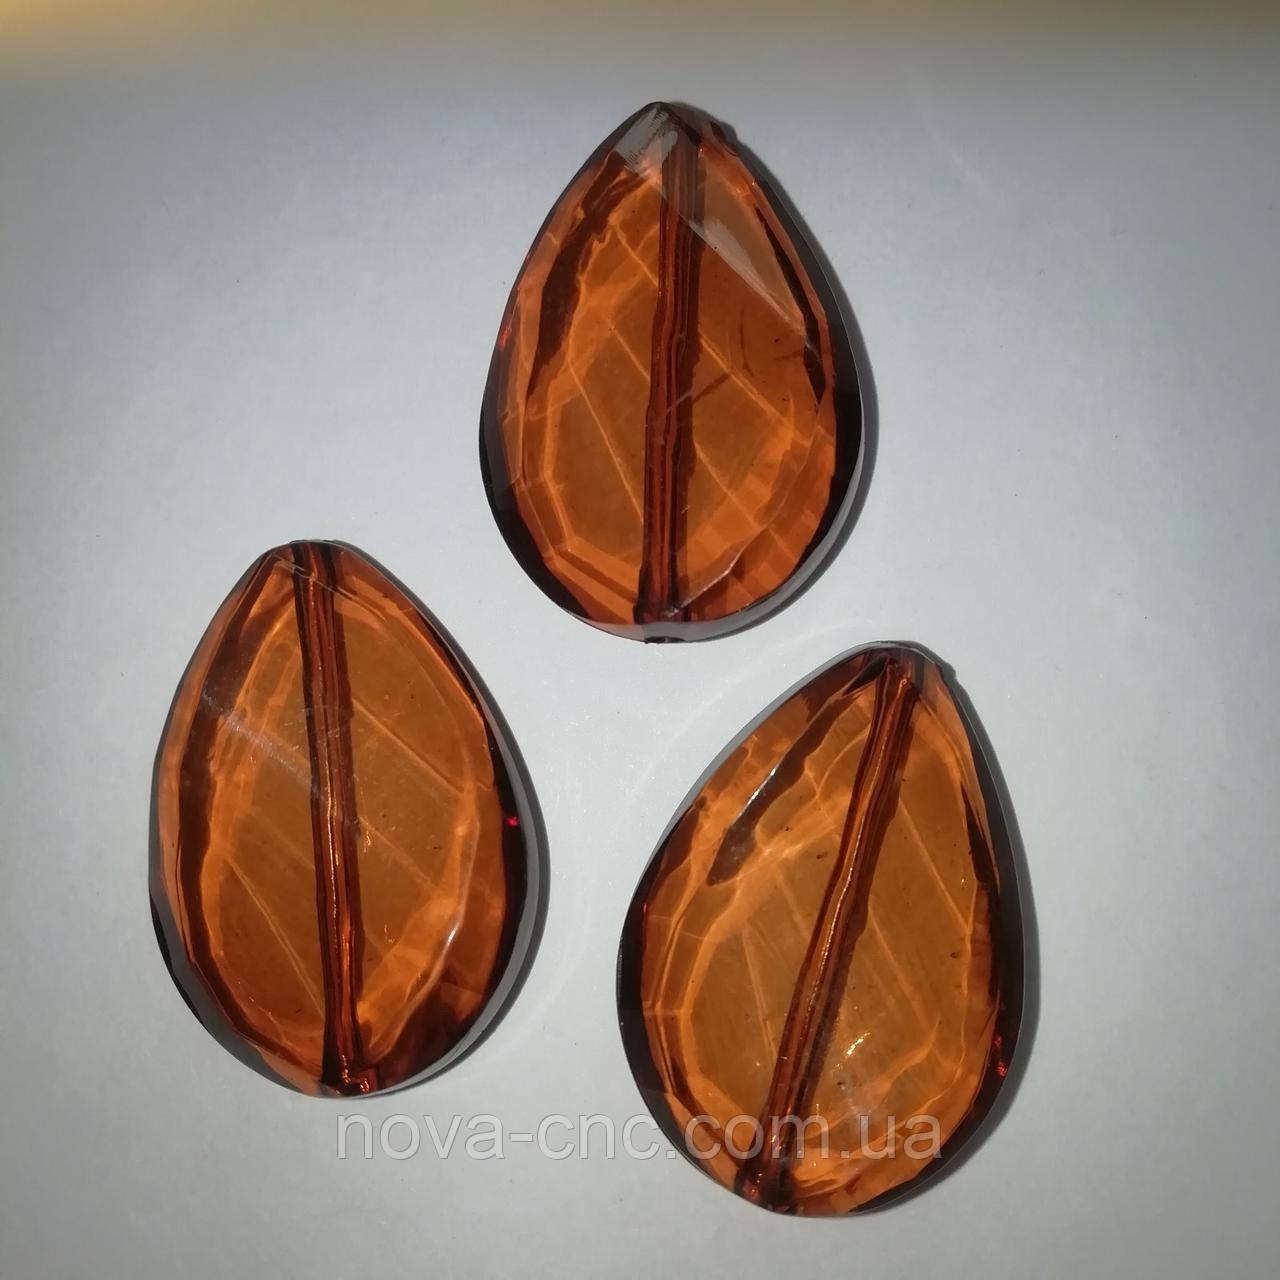 Намистини акрил колір коричневий 36 х 25 мм 65 штук